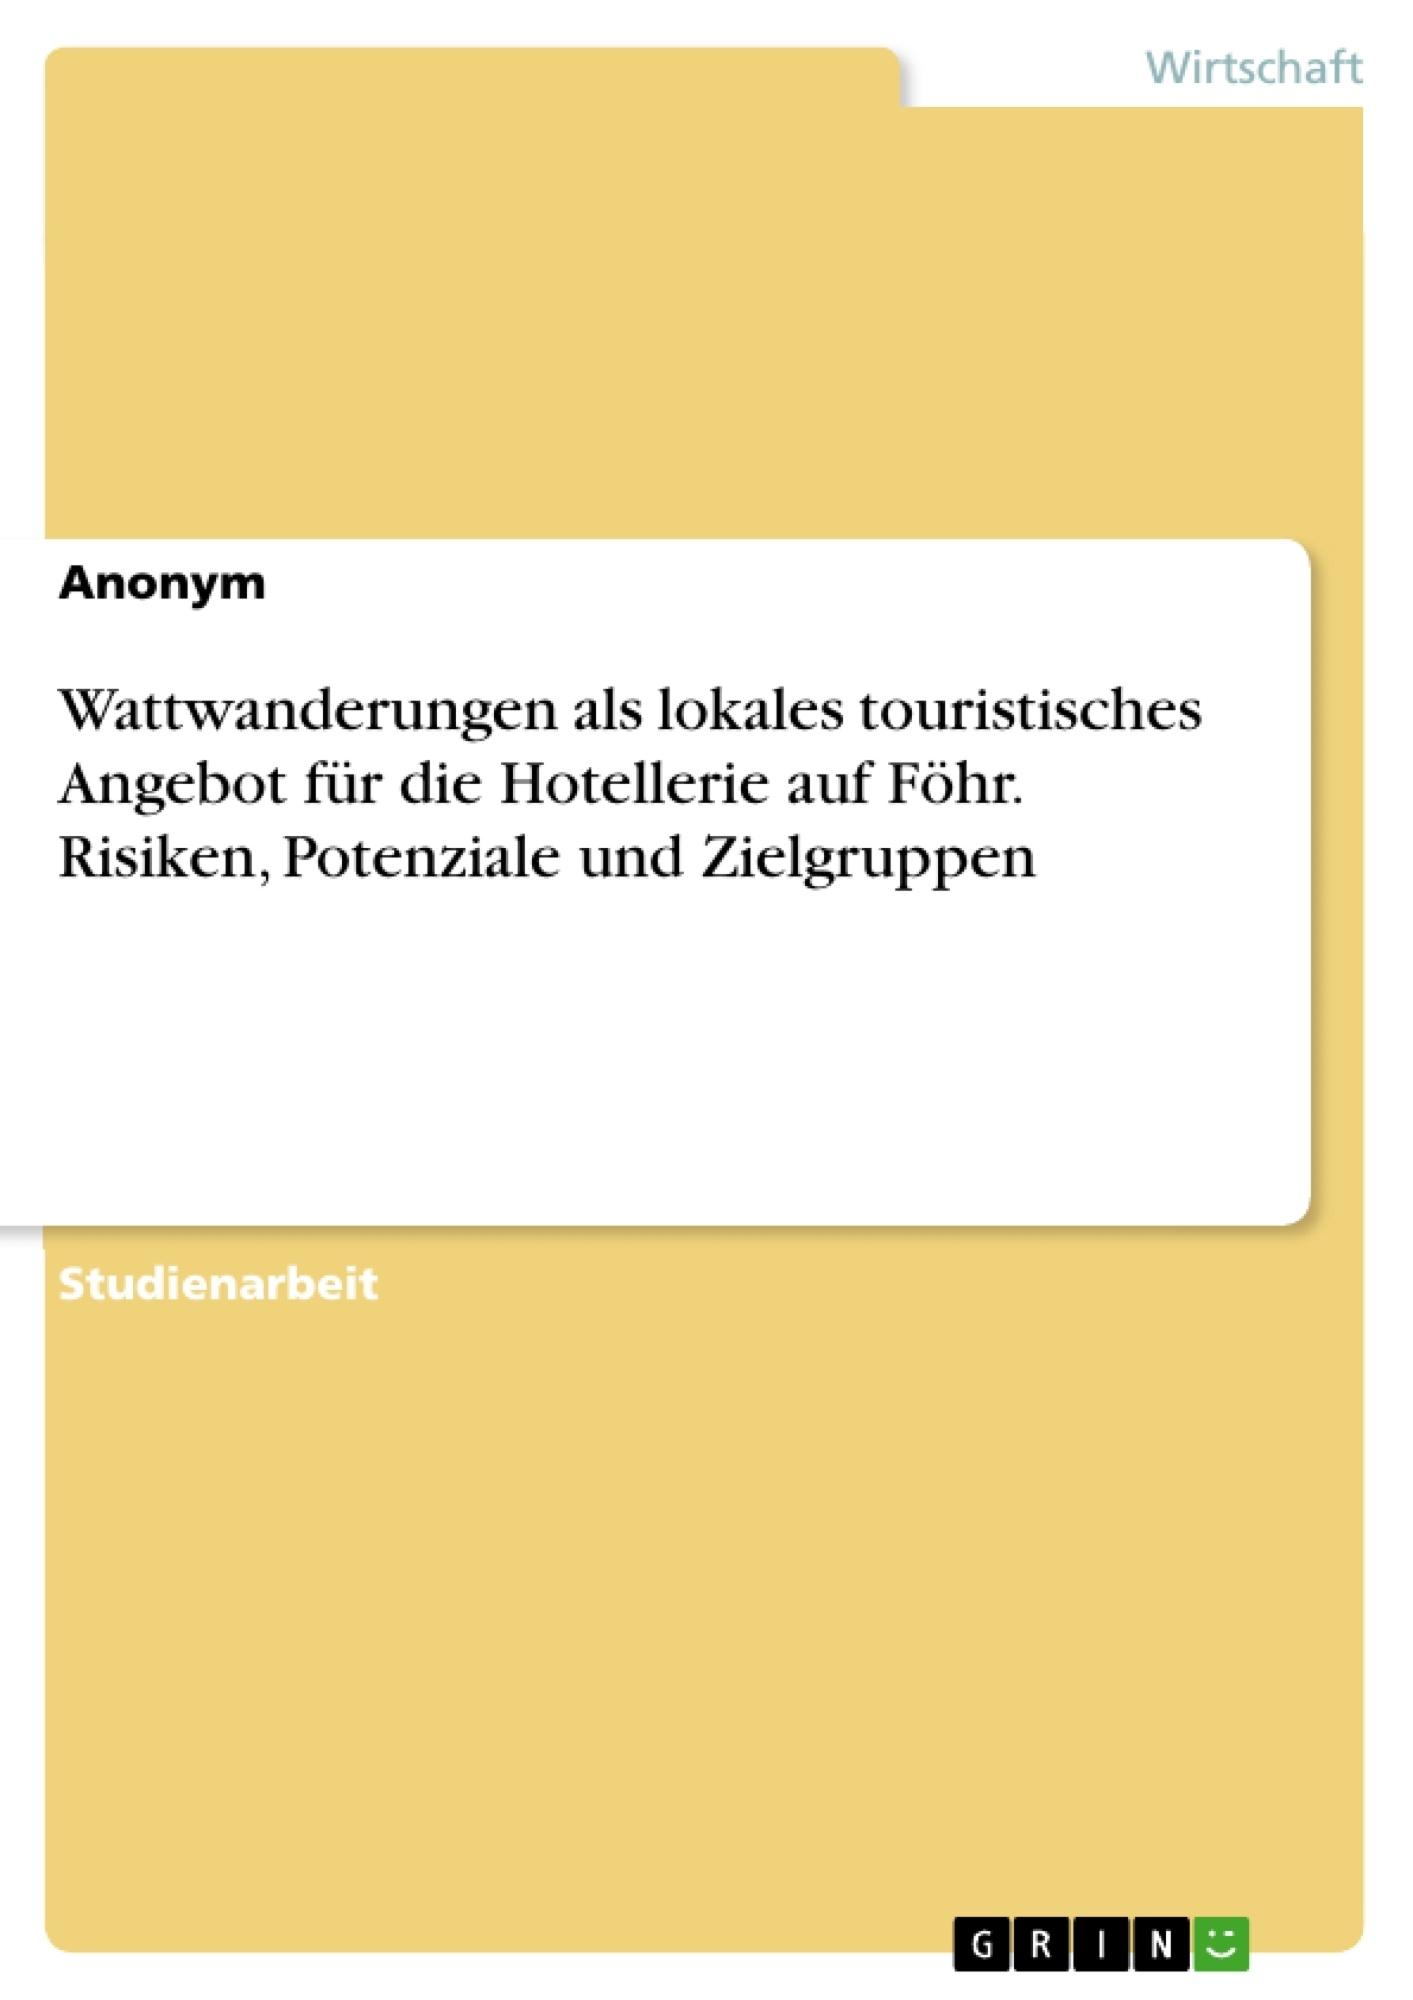 Titel: Wattwanderungen als lokales touristisches Angebot für die Hotellerie auf Föhr. Risiken, Potenziale und Zielgruppen